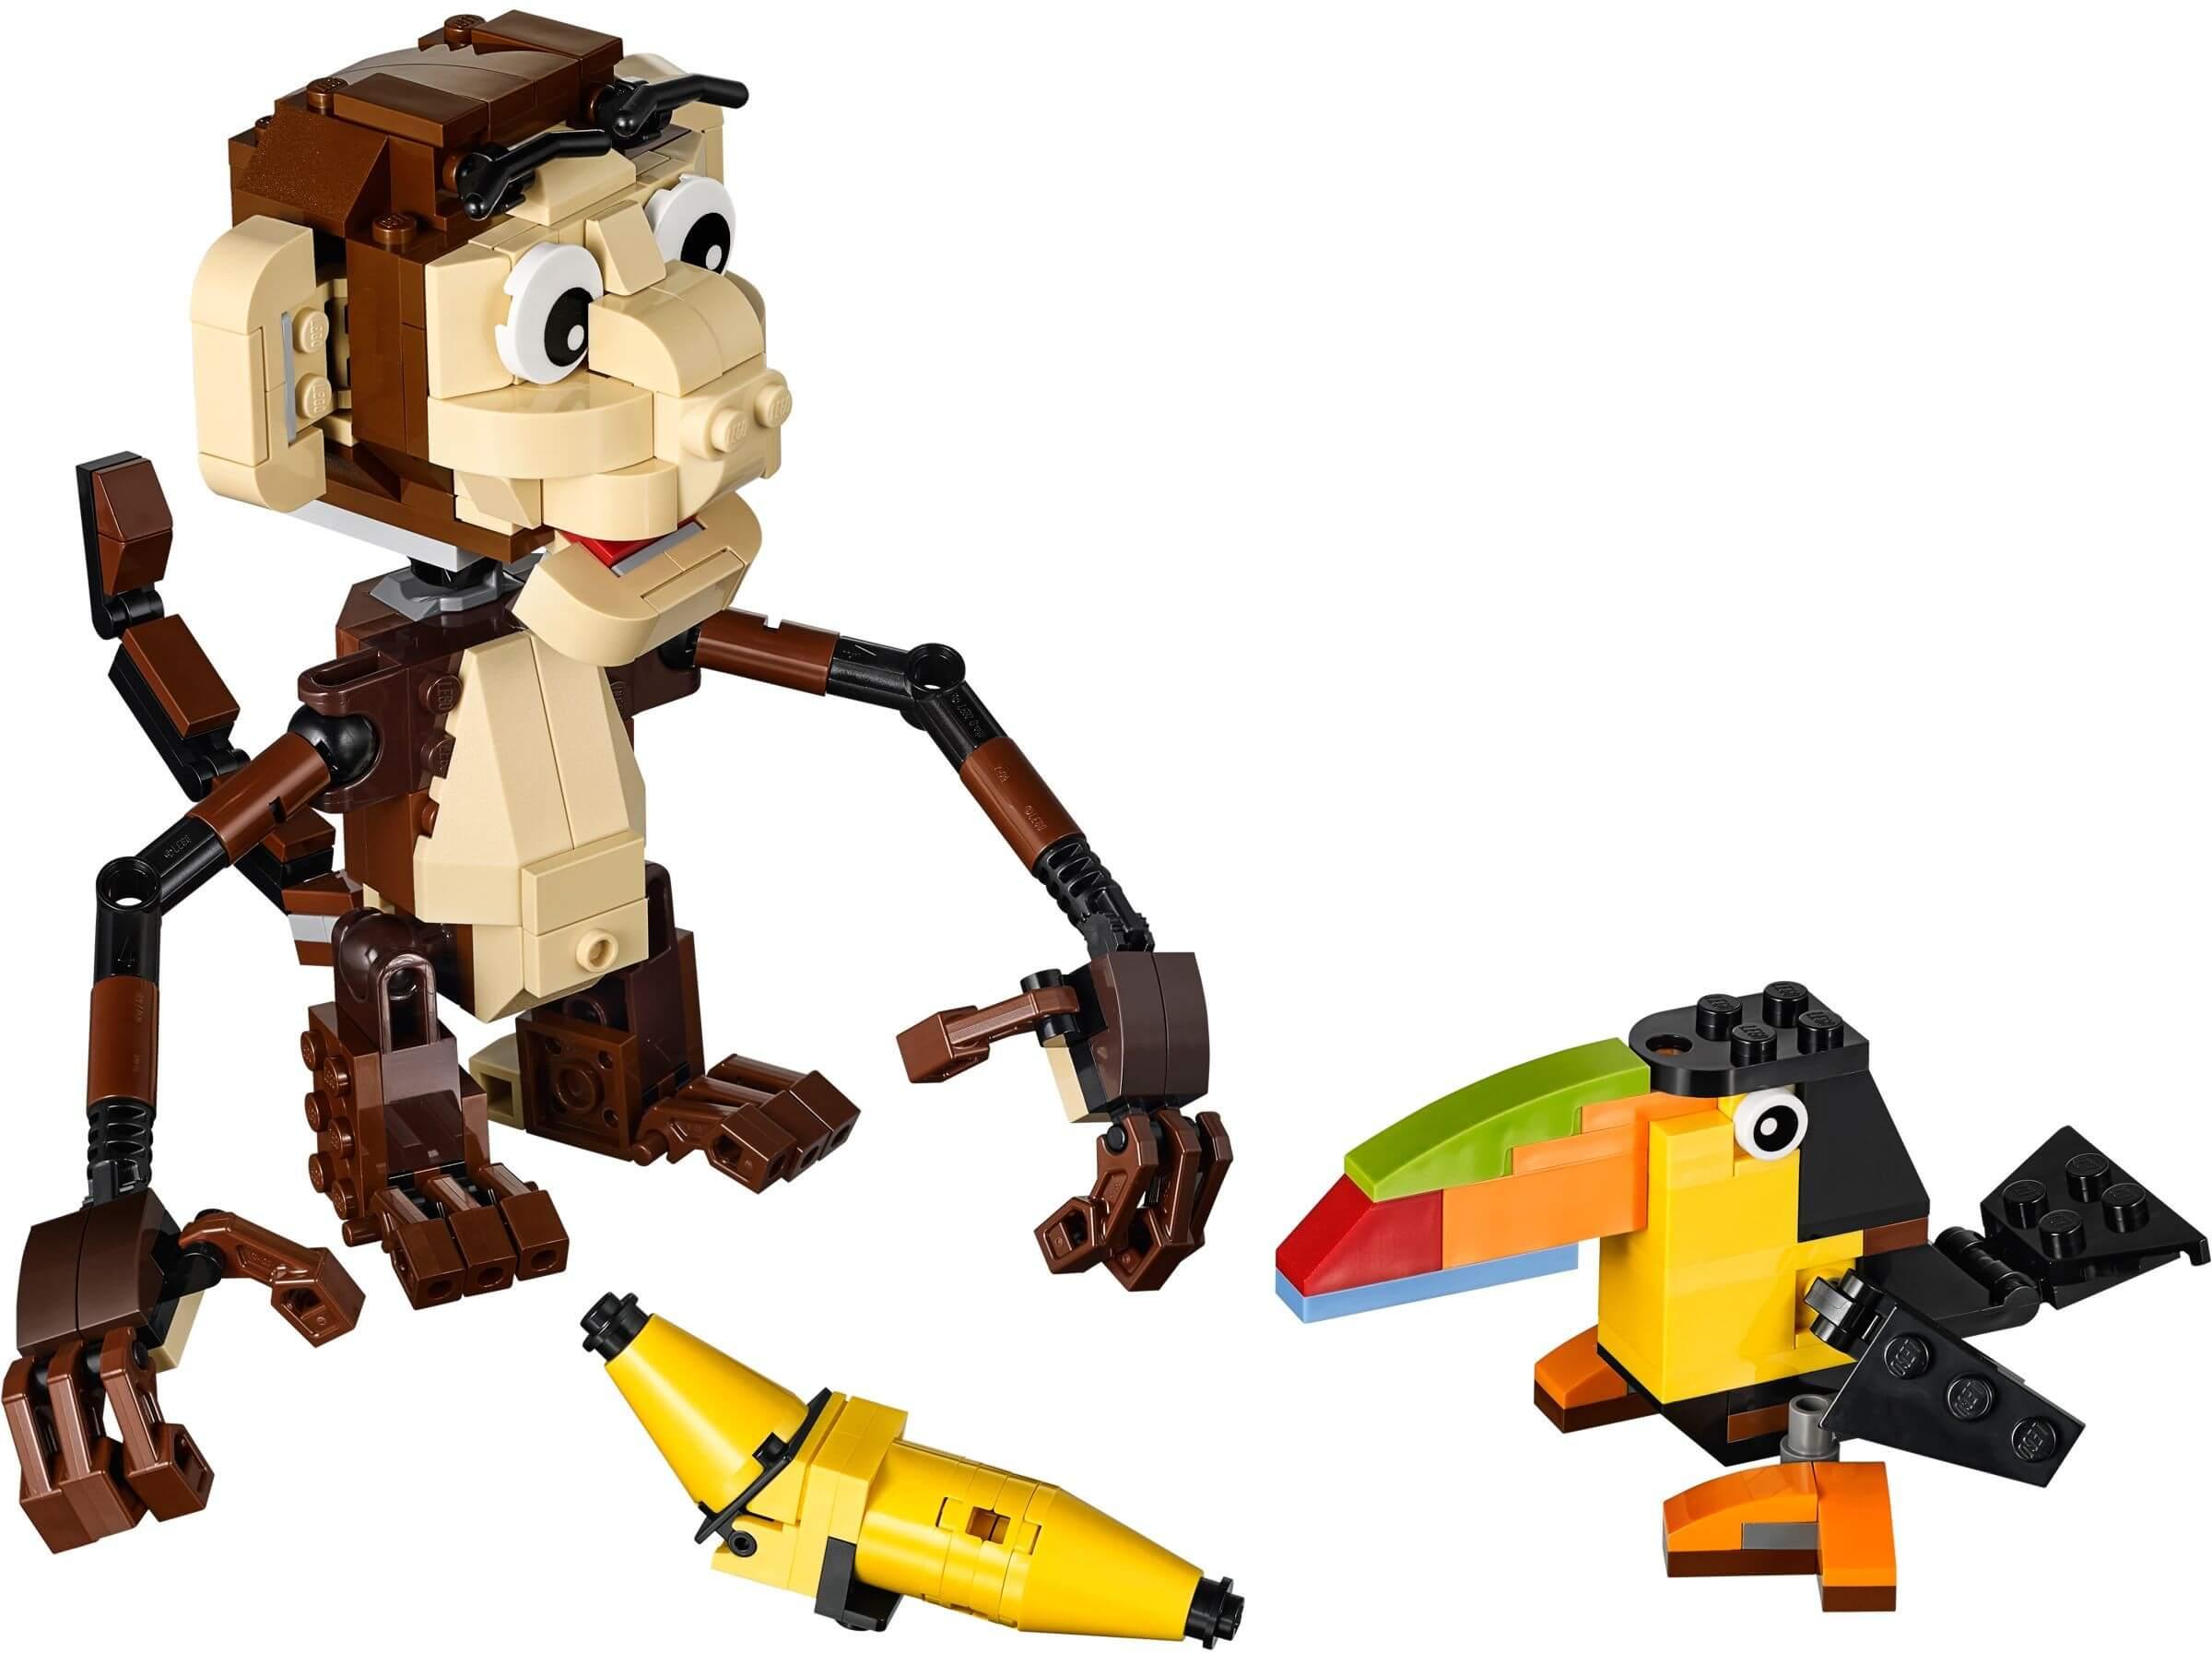 Mua đồ chơi LEGO 31019 - LEGO Creator 31019 - Mô hình Khỉ con - Gấu con - Sóc con 3-trong-1 (LEGO Creator Forest Animals 31019)